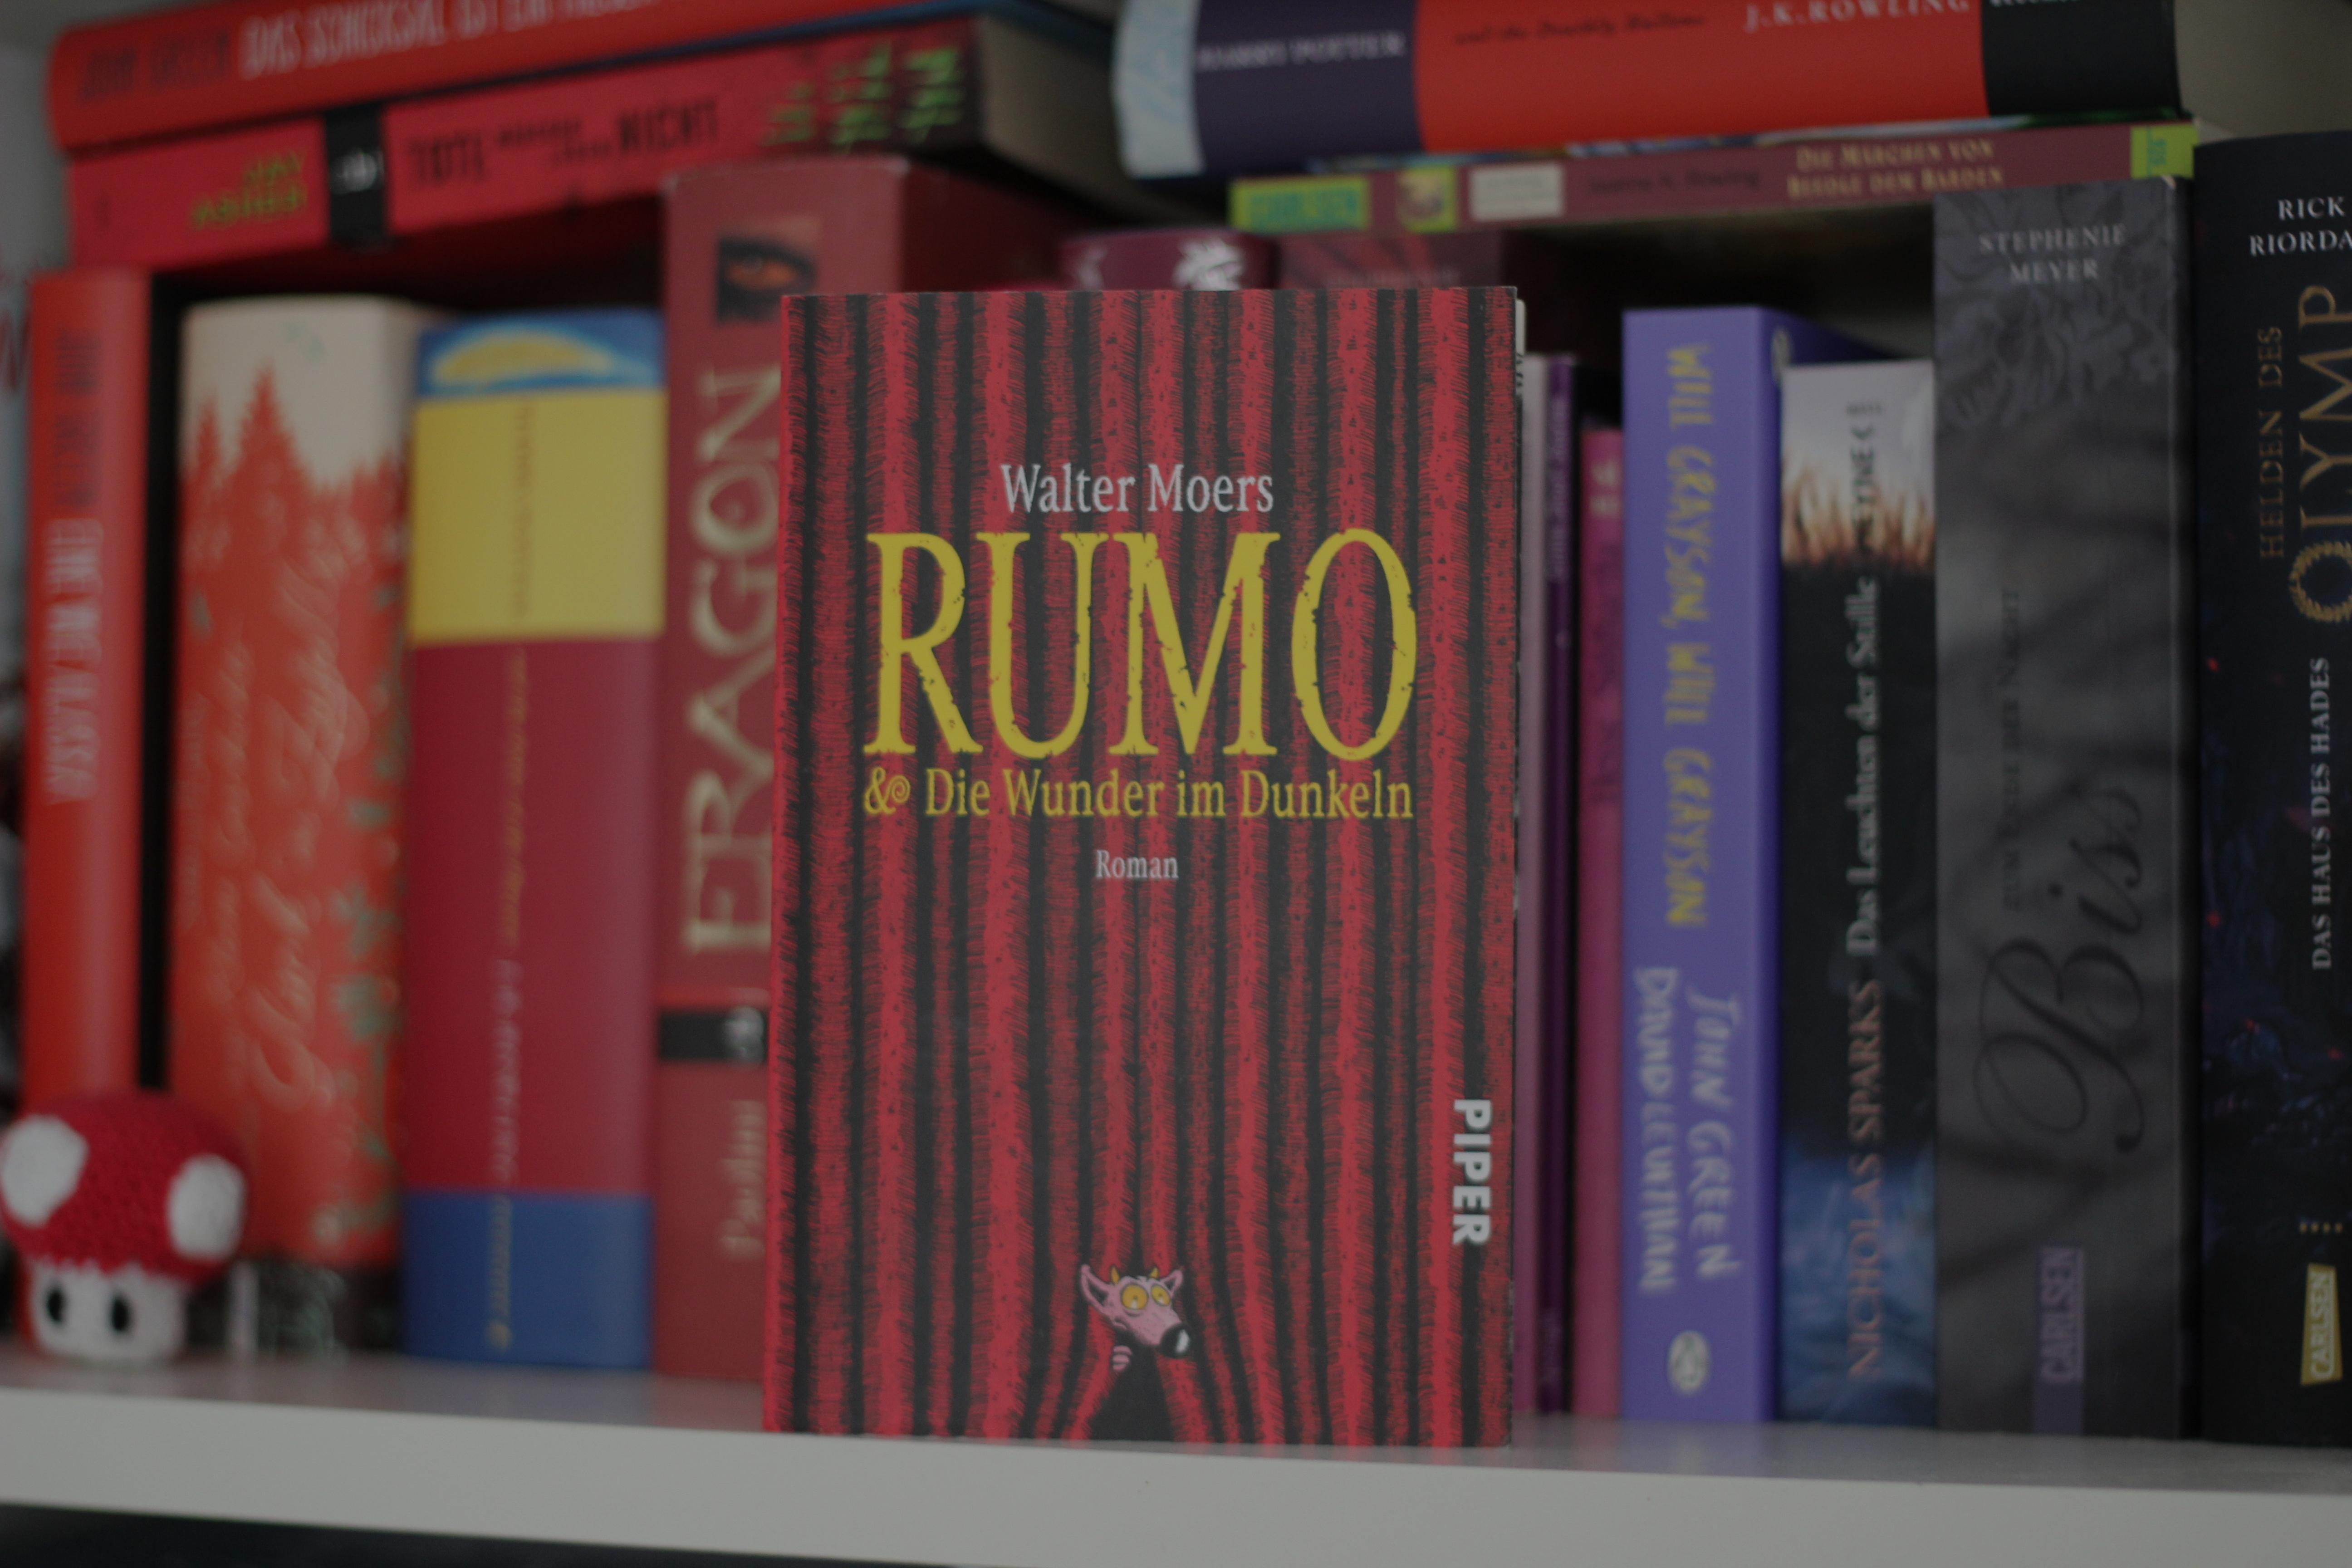 Rumo & die Wunder im Dunkeln – wir werden alle erwachsen